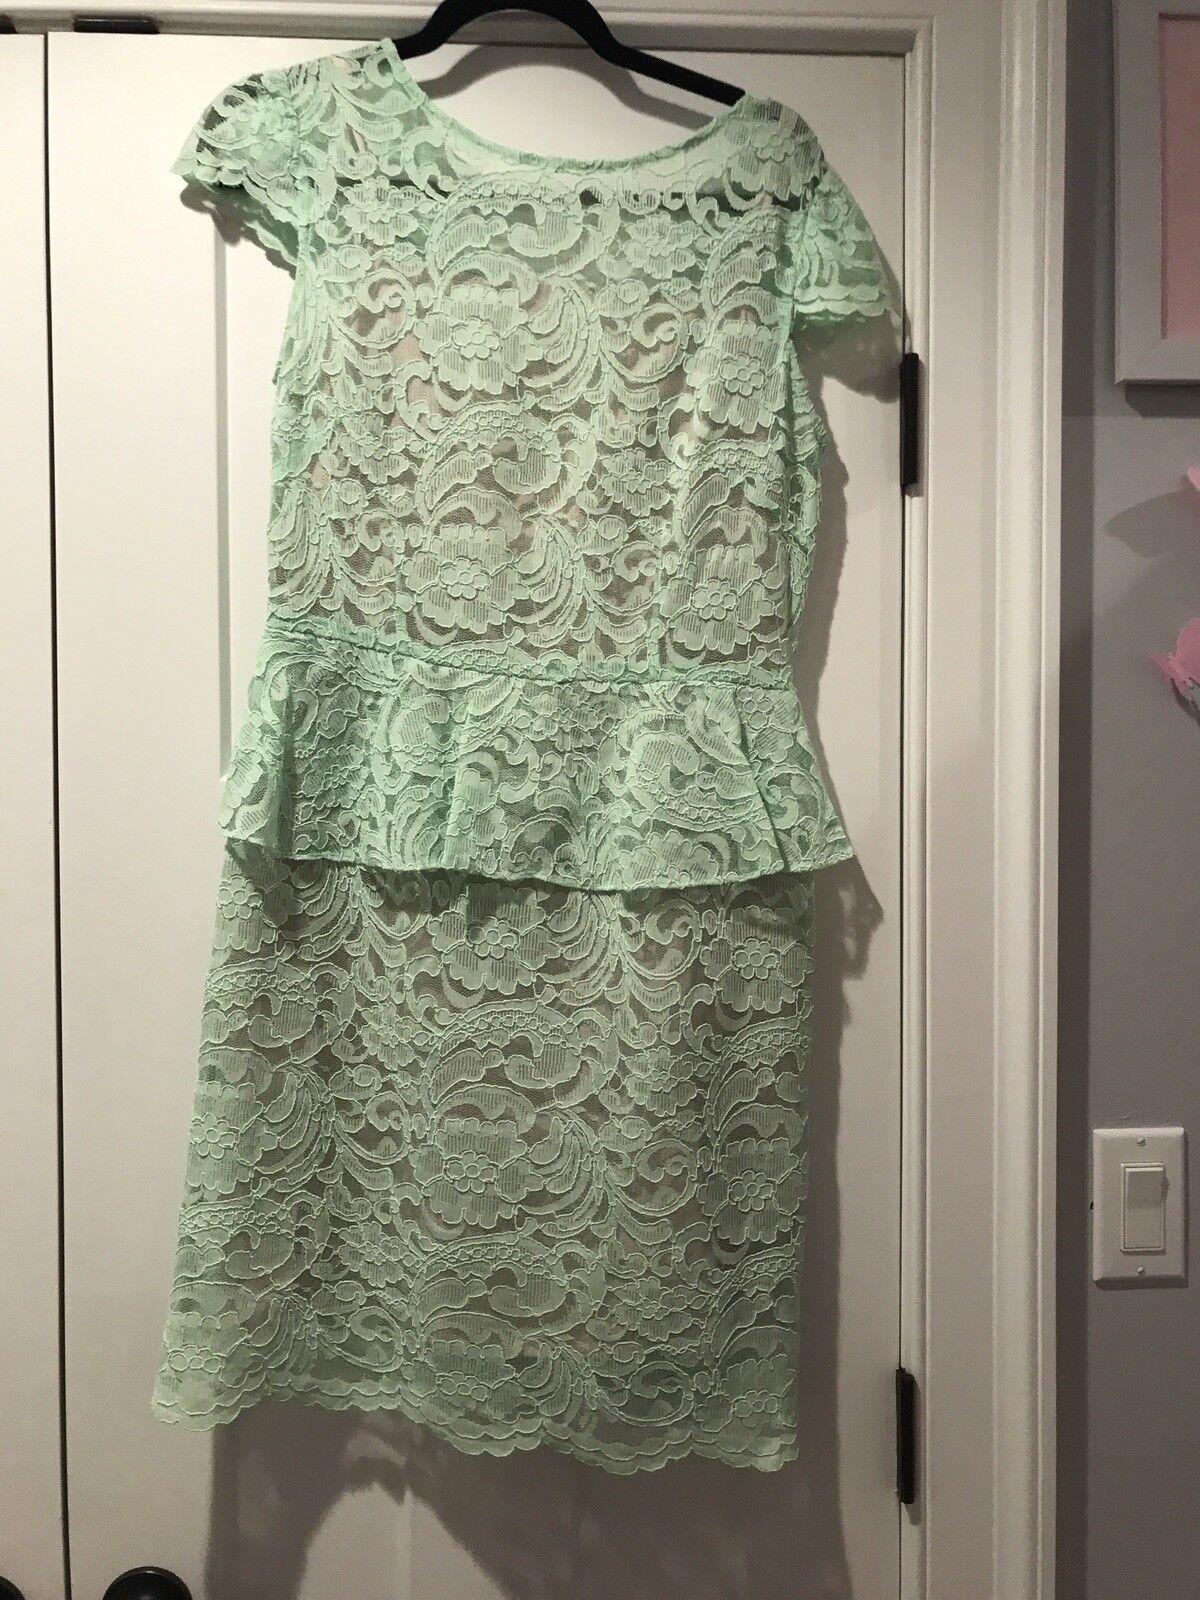 Tahari dress  Mint Green Lace Dress size 4